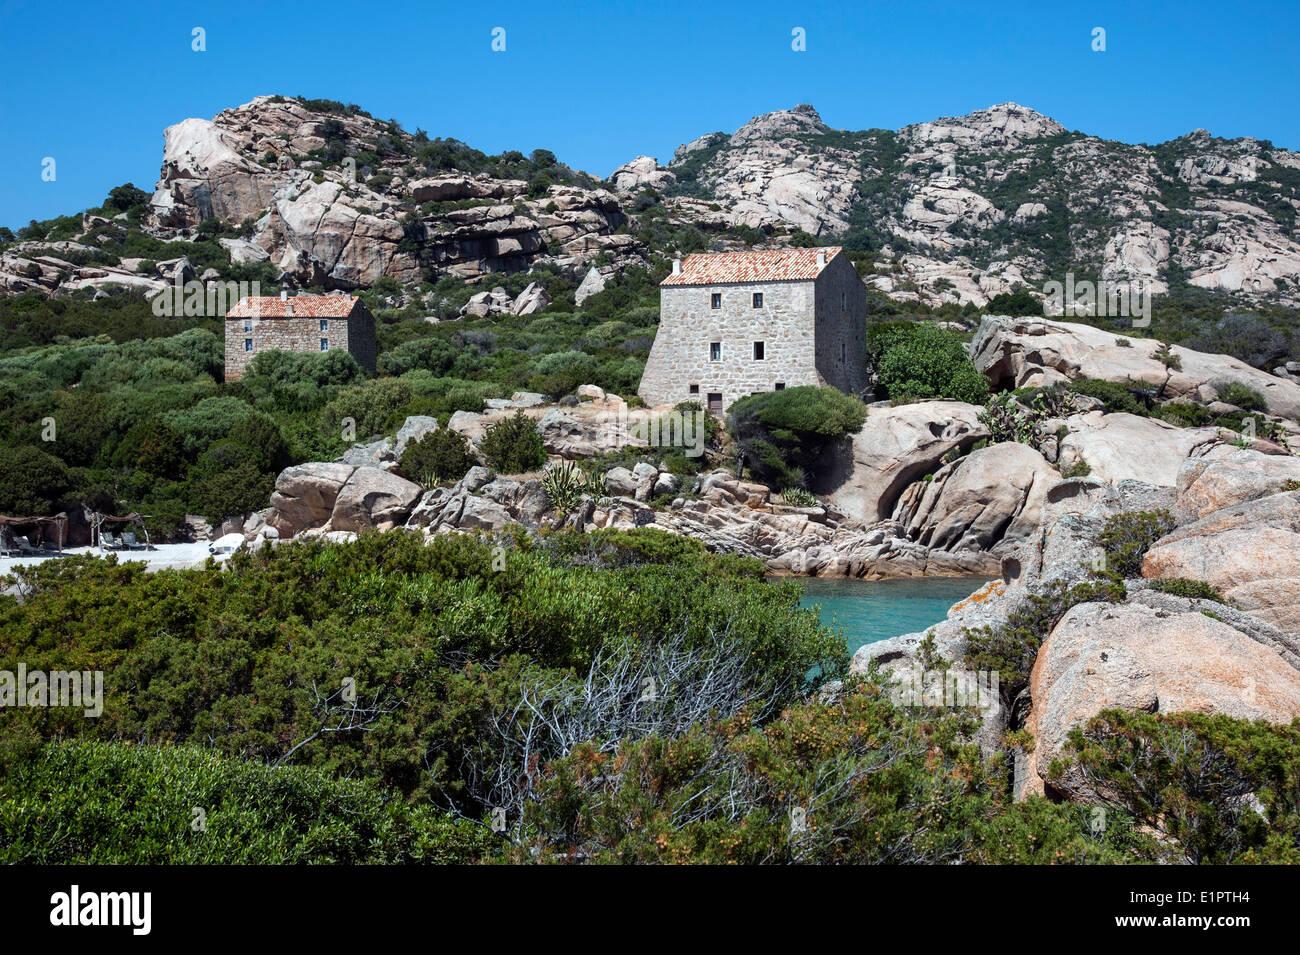 Domaine murtoli villa sart ne corse murtoli luxe roccapina stock photo - Domaine de murtoli prix ...